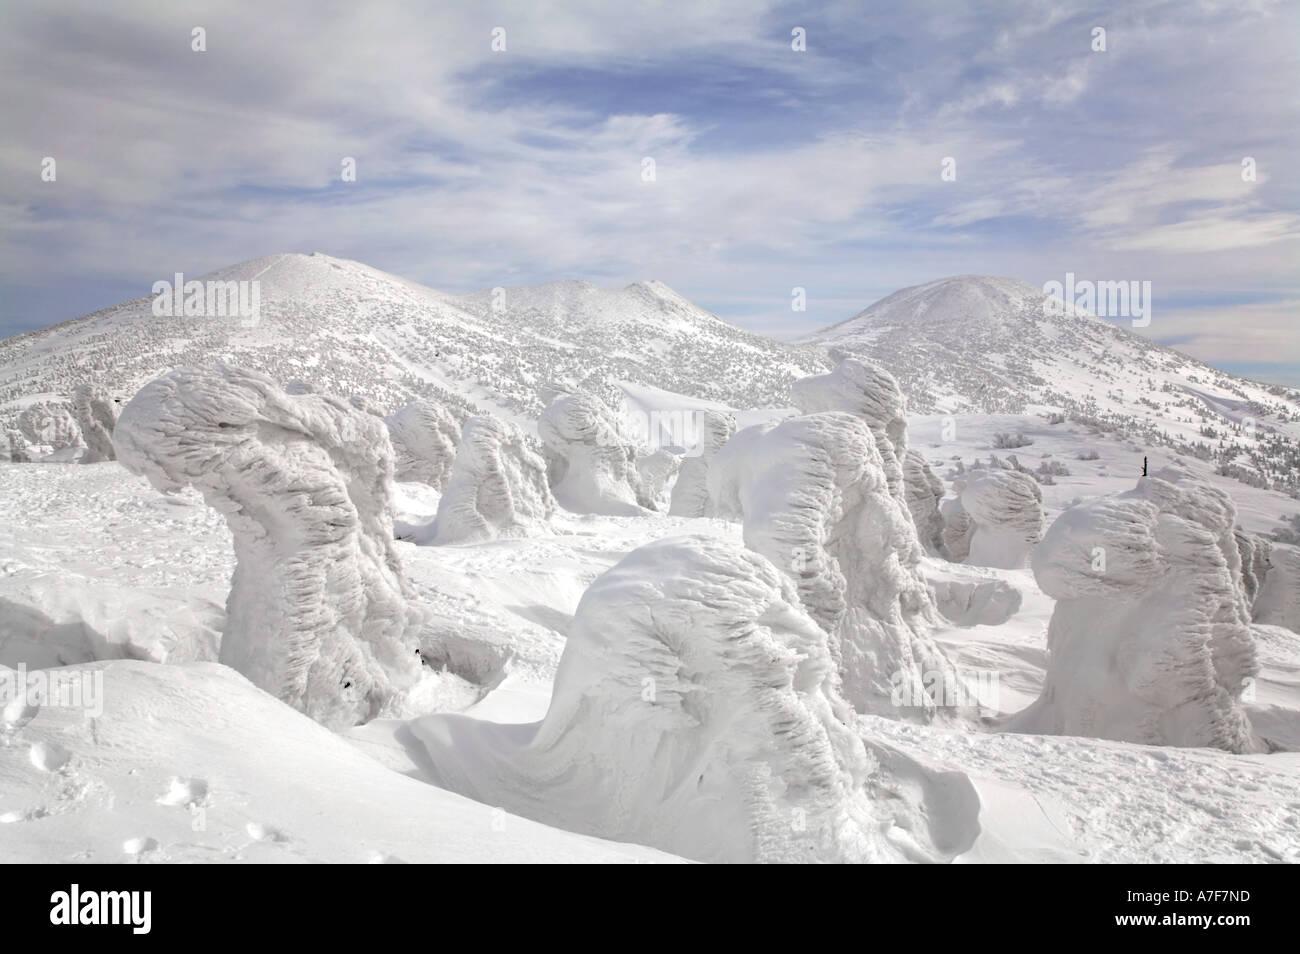 Snow mostri - alberi con neve congelate su di loro in inverno il Monte Hakkoda Giappone Immagini Stock